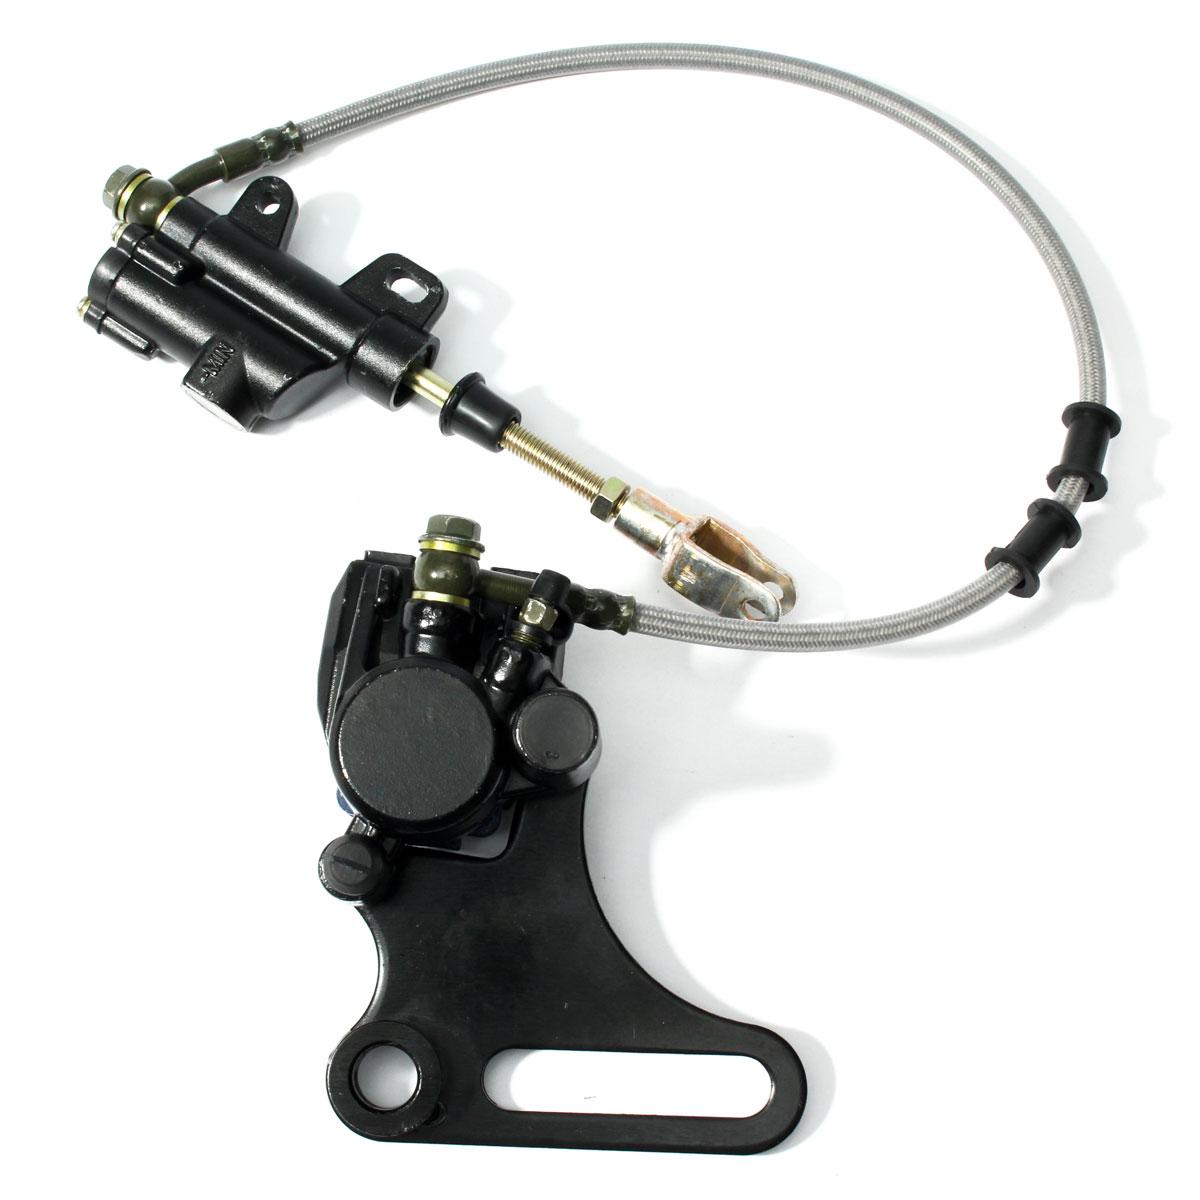 15 мм задние дисковые тормозные системы суппорт колодки для 125cc 140cc Pit Dirt Bike ATV гидравлический задний тормозной суппорт